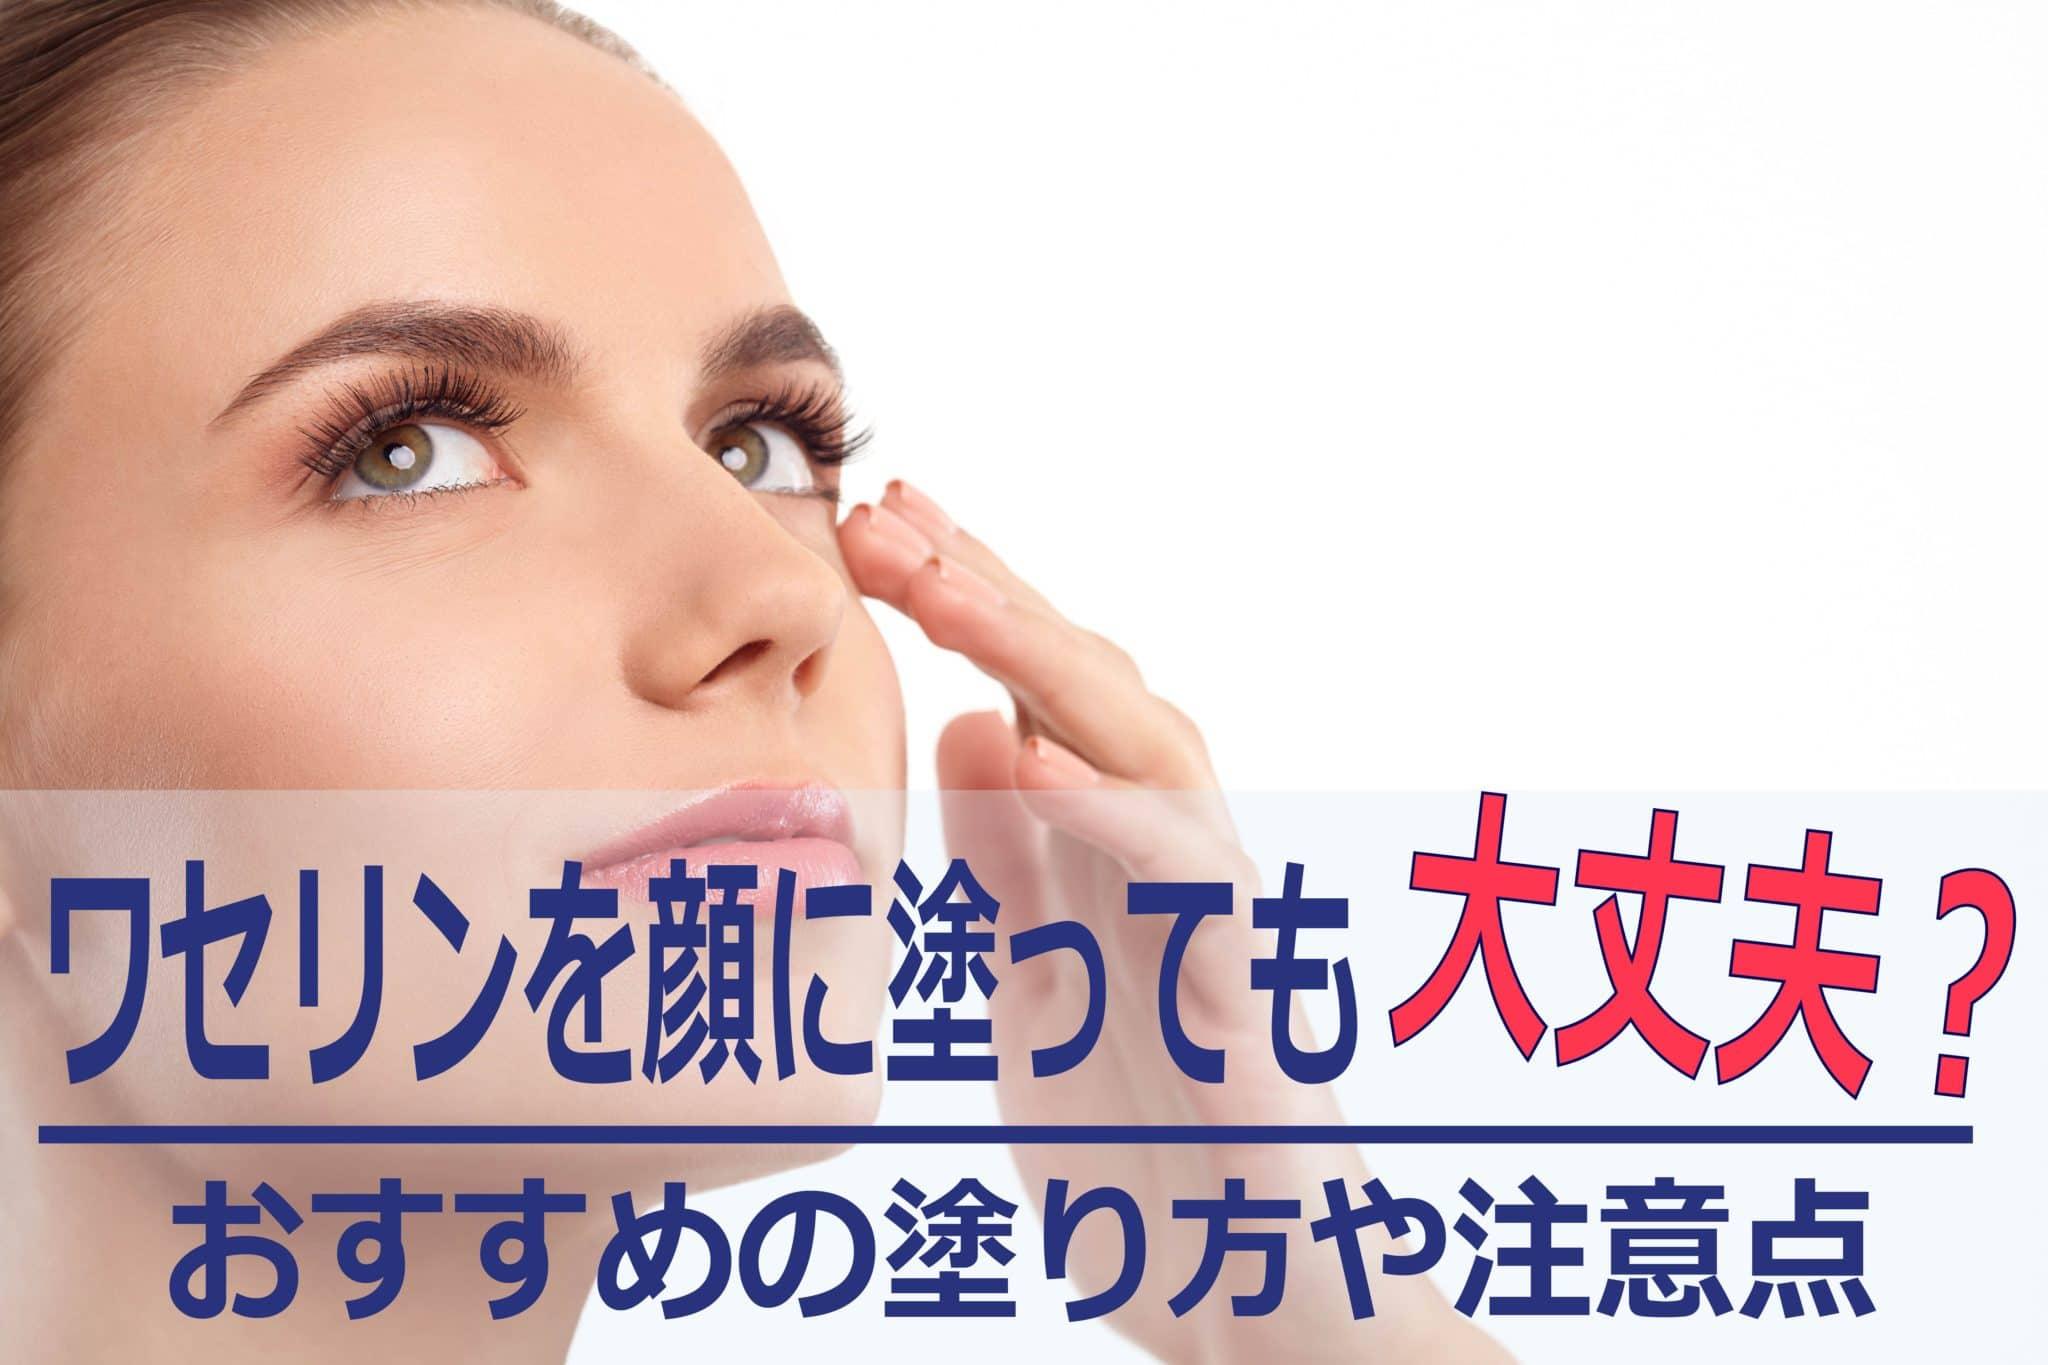 ワセリンを顔に塗っても大丈夫?おすすめの塗り方や塗る際の注意点